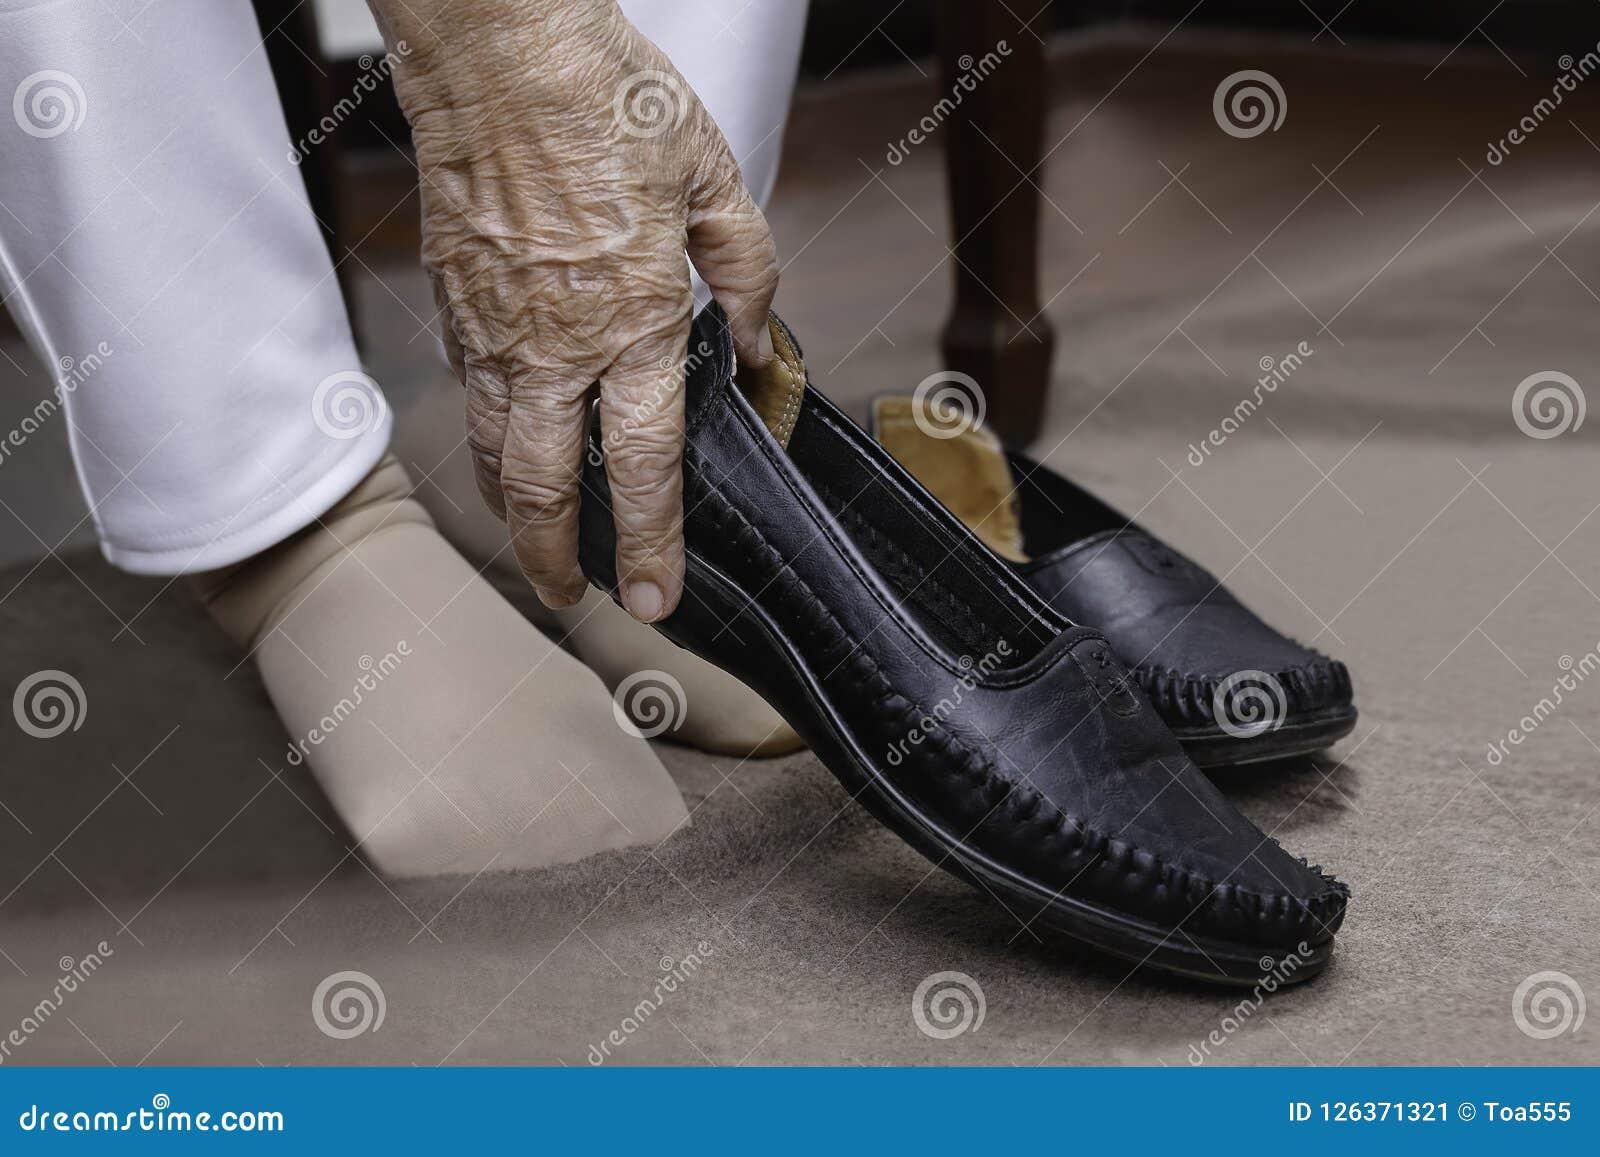 Anziana Immagine Gonfiata Sulle Piedi Donna Mettono Scarpe Stock Che Nmn0w8